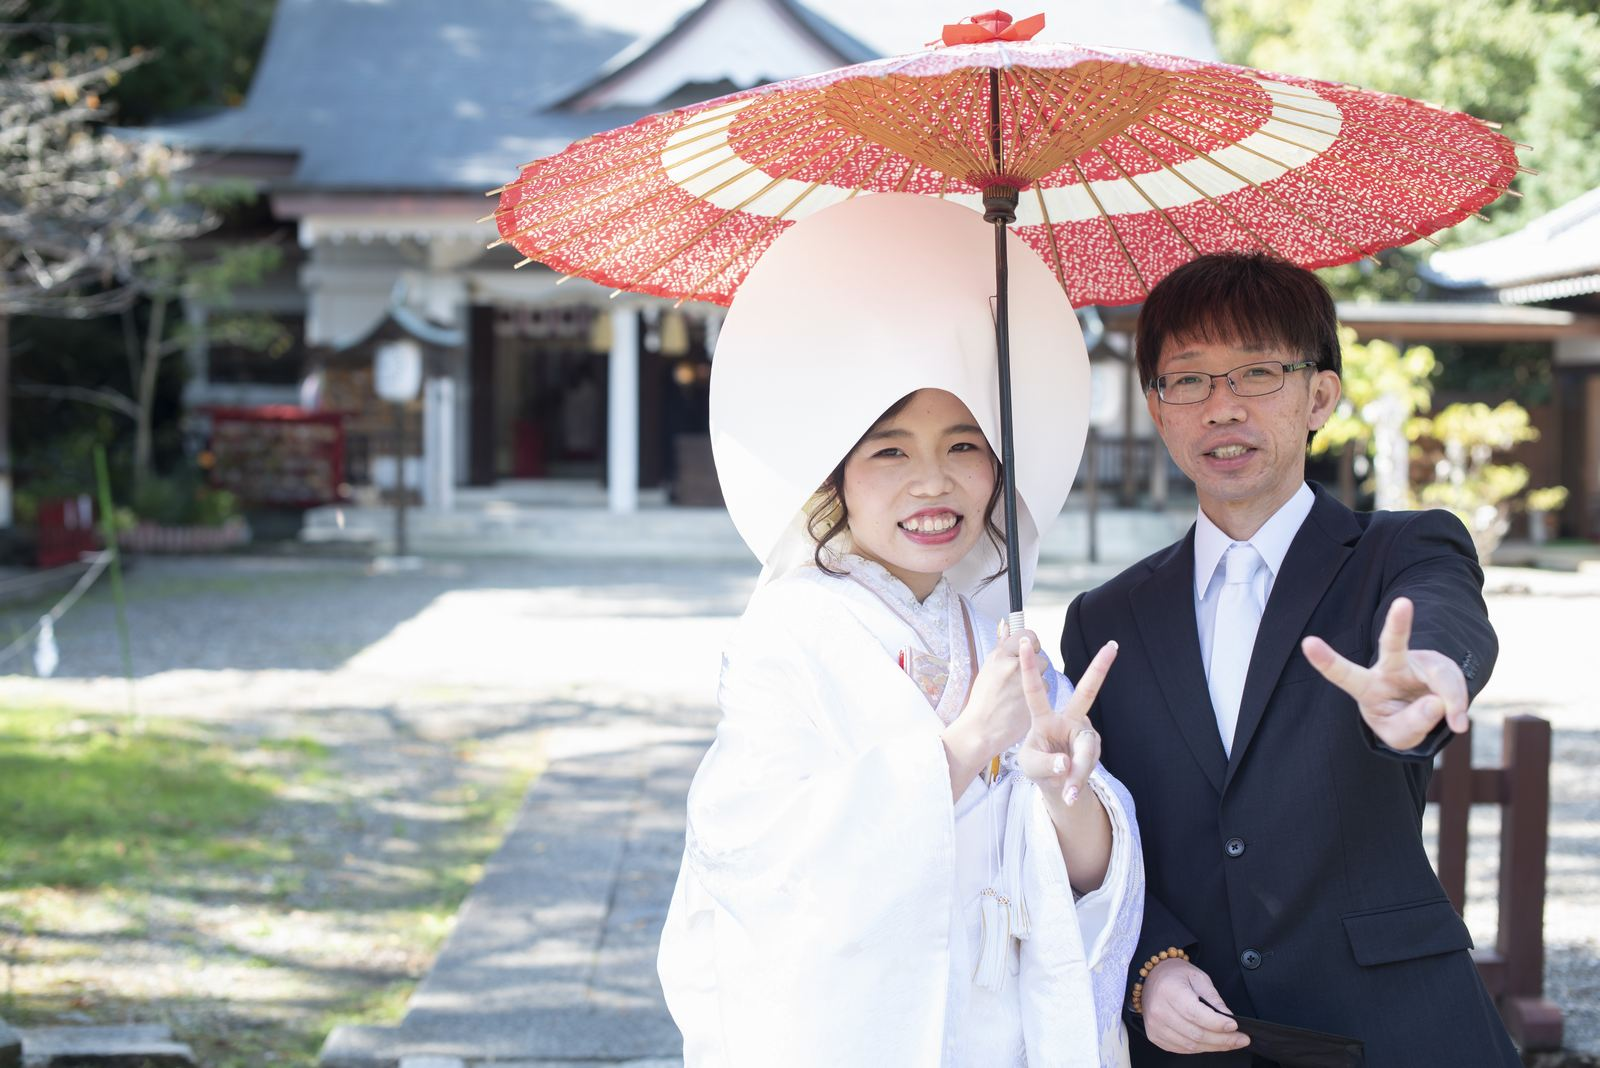 徳島市の結婚式場ブランアンジュで披露宴を行う前に挙式をした忌部神社で撮影した新婦思い出の写真